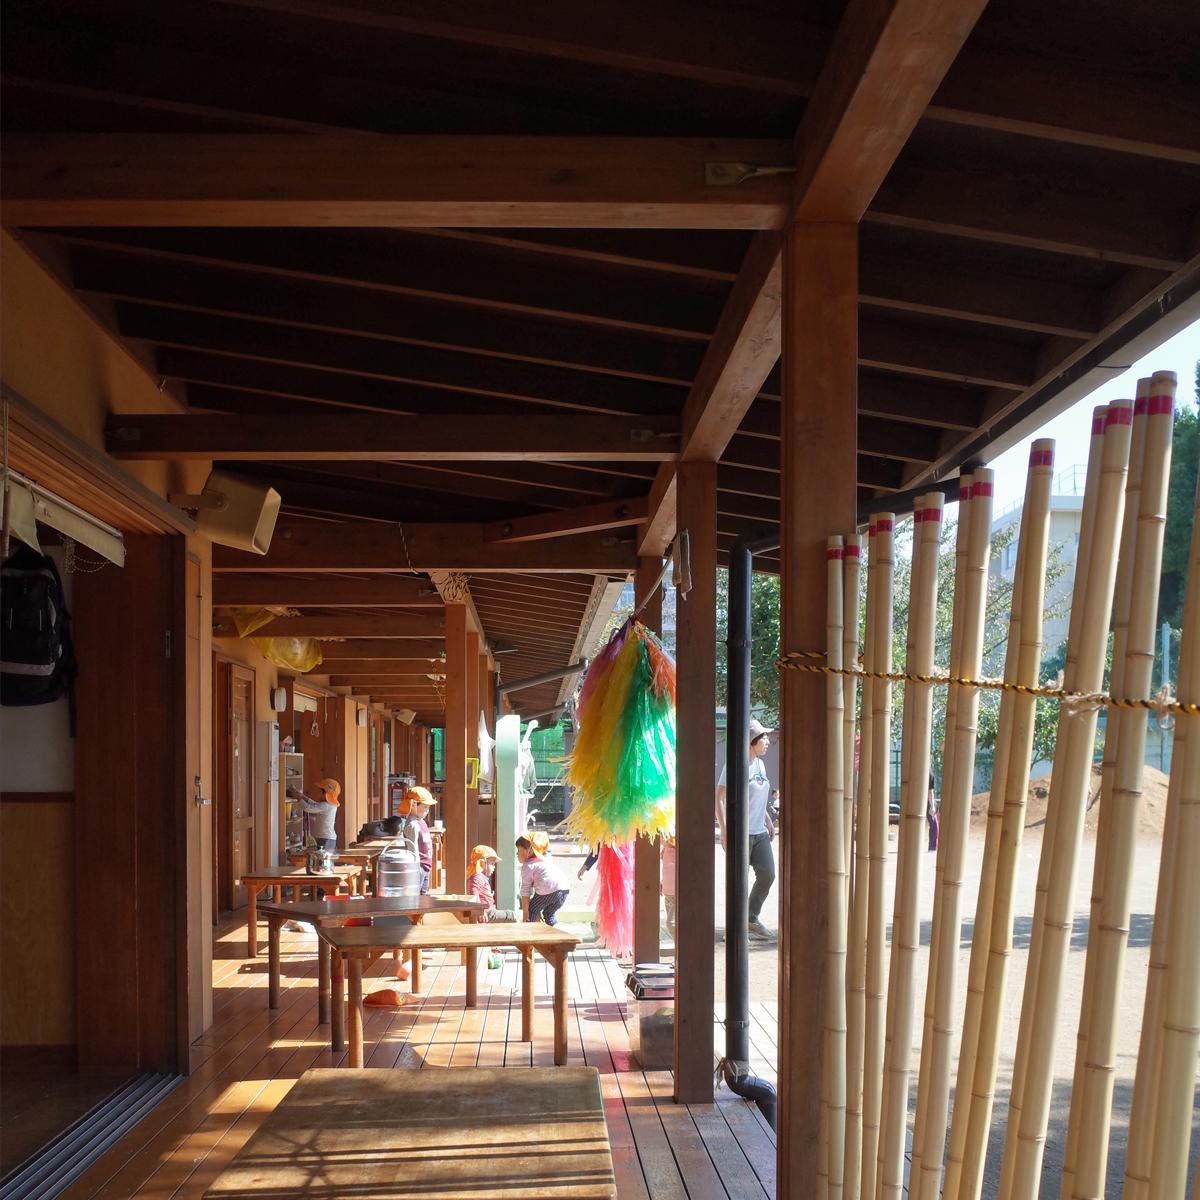 所沢市のあかね保育園の園舎のテラスの画像